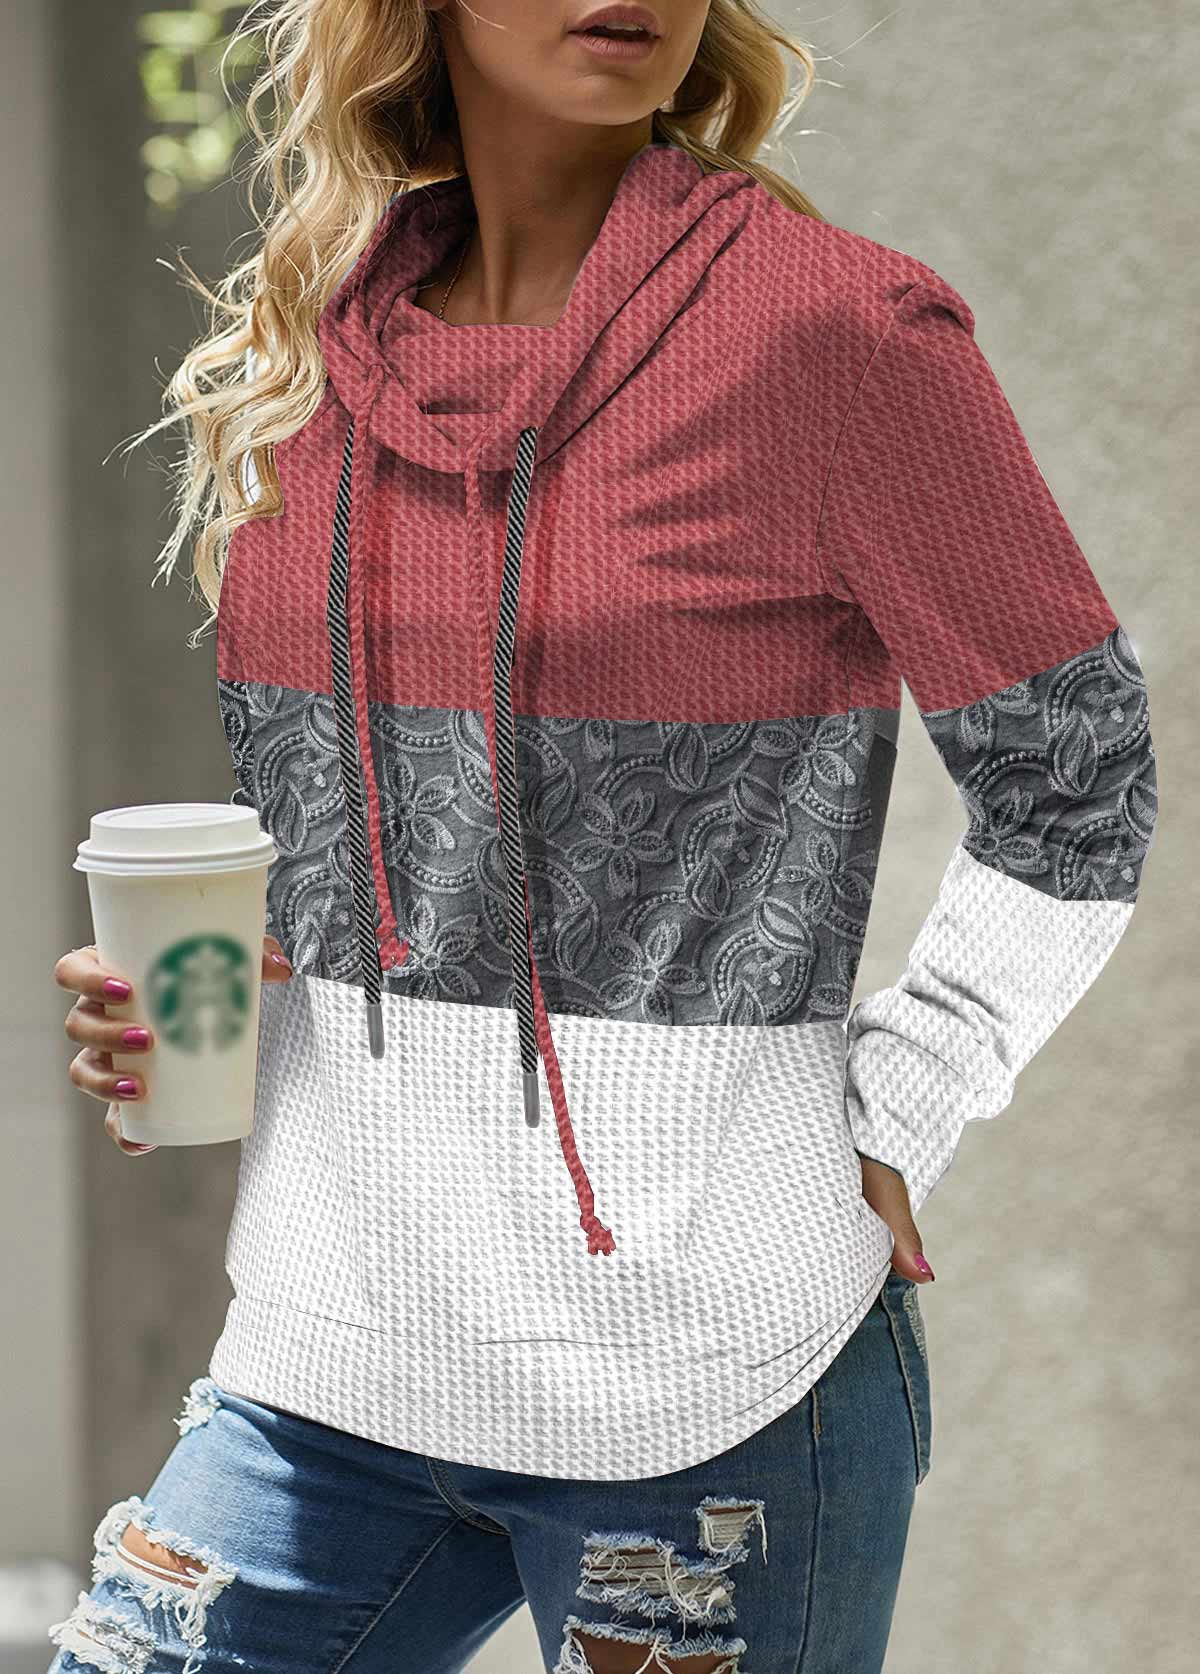 Waffle Knit Cowl Neck Drawstring Lace Stitching Sweatshirt